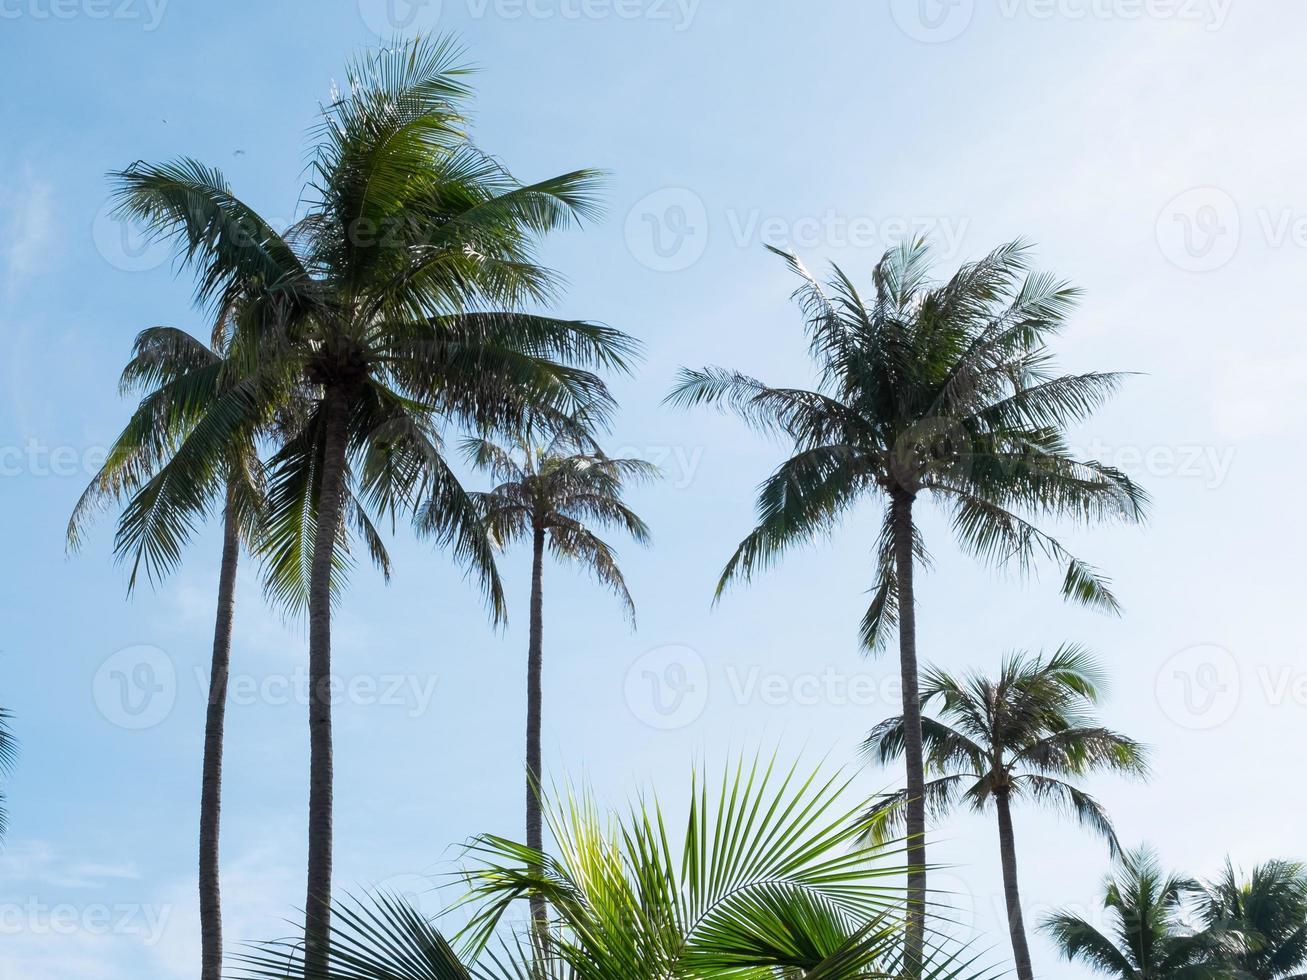 kokospalmer och blå himmel foto